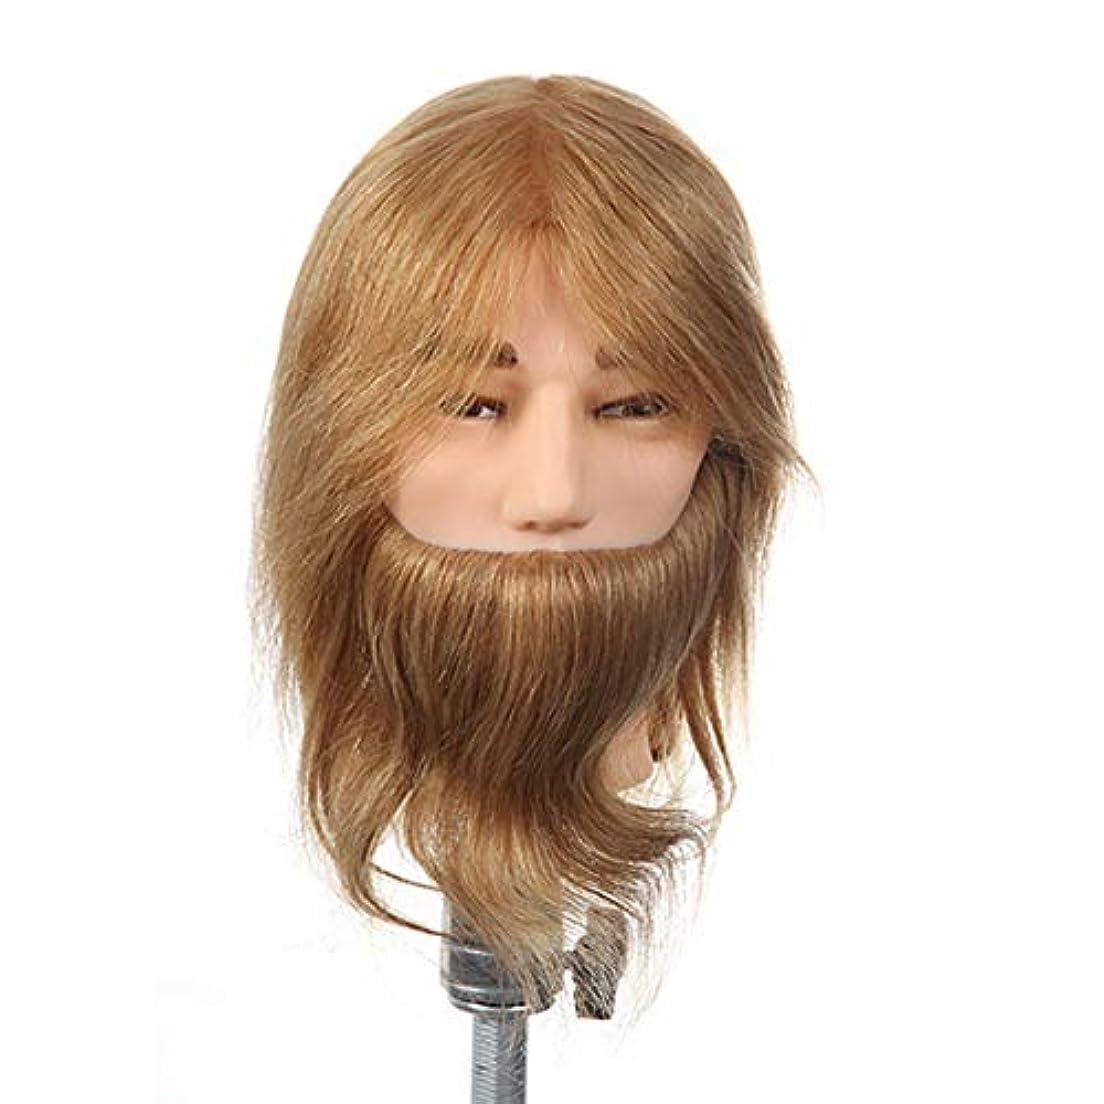 満たすオープニングピアースサロン学習パーマ髪染めマネキン男スタイリングかつらティーチングヘッドリアル人間の髪ダミーヘッド付きひげロングヘアゴールド